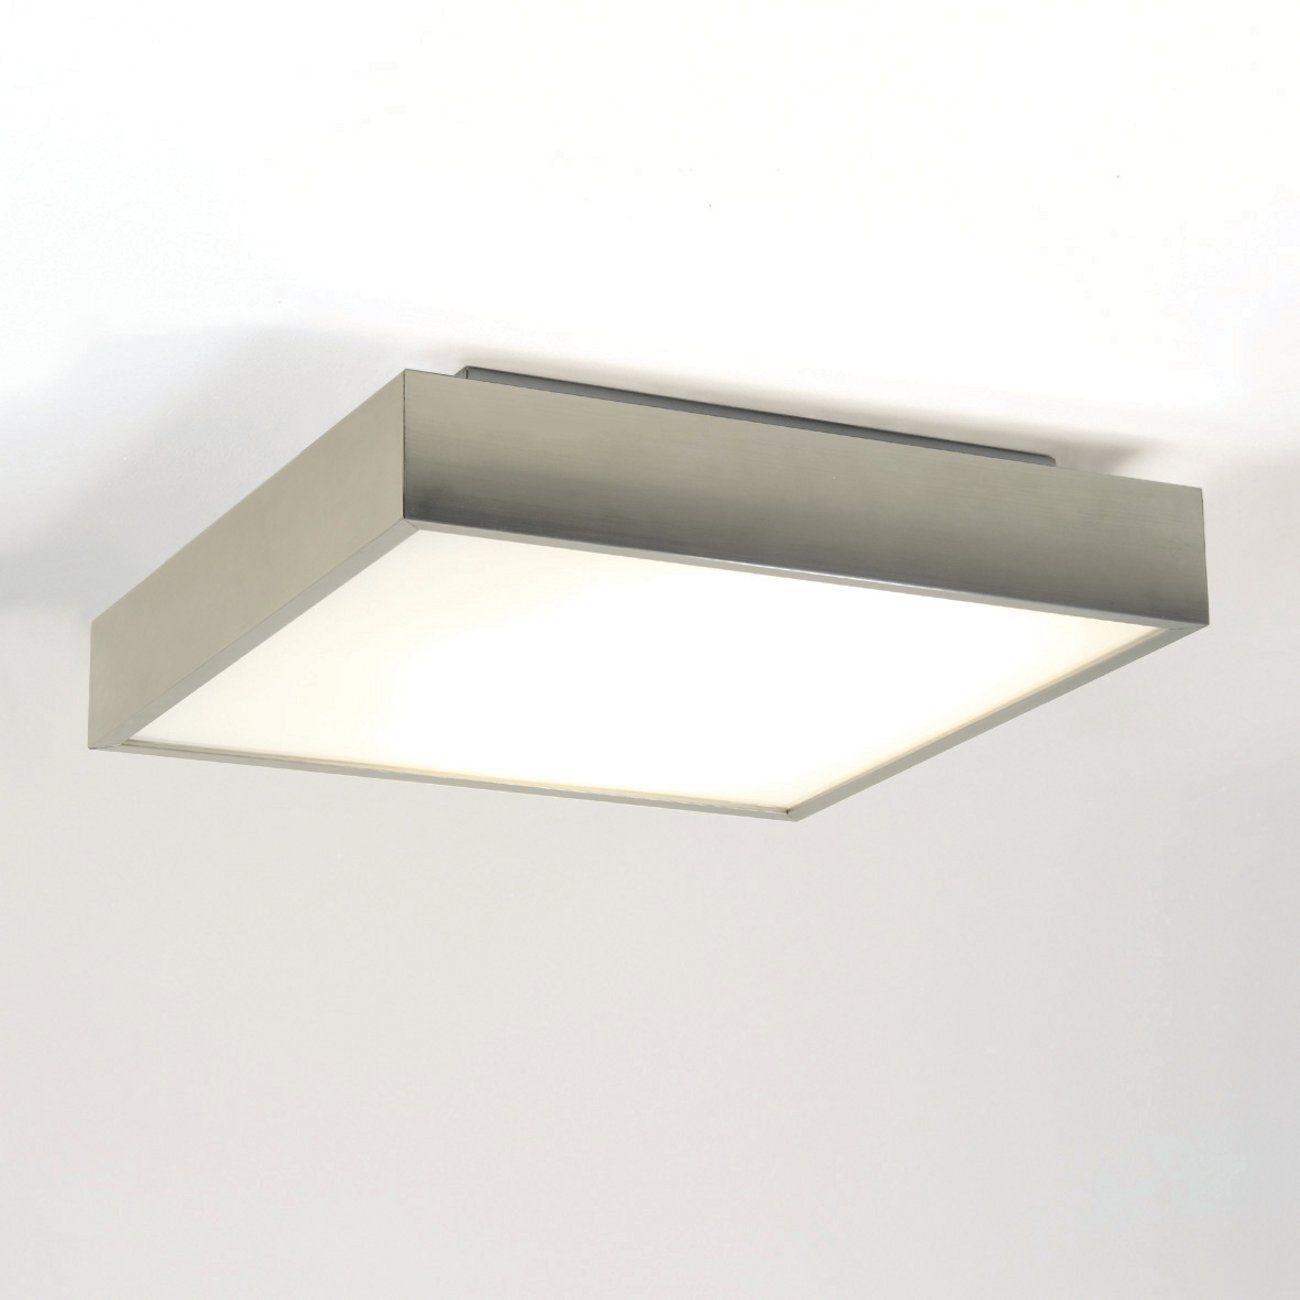 Badleuchte Deckenlampe / Wandleuchte TAKETA | ASTRO | Ideen rund ums ...